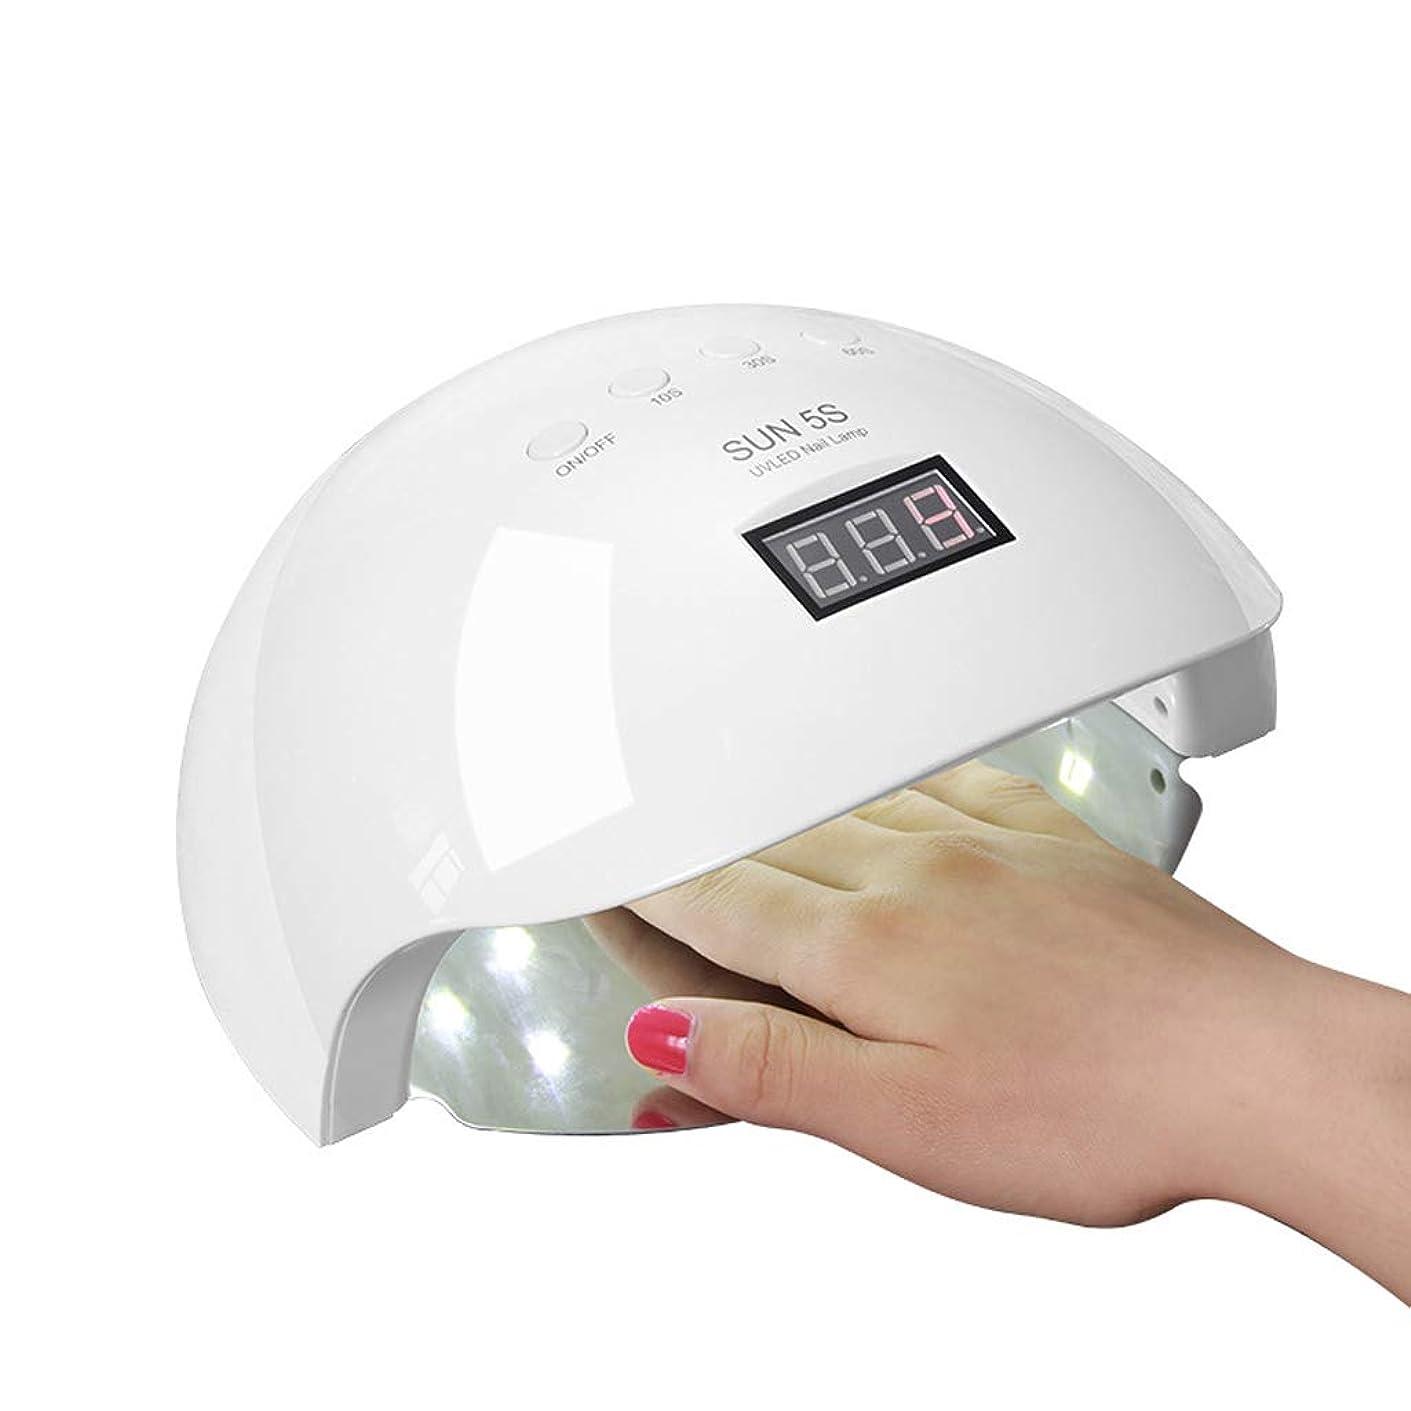 いつも口径助手50W LEDネイルドライヤー、インテリジェントポリッシングジェルネイルフォトセラピー接着剤デュアル電源設計